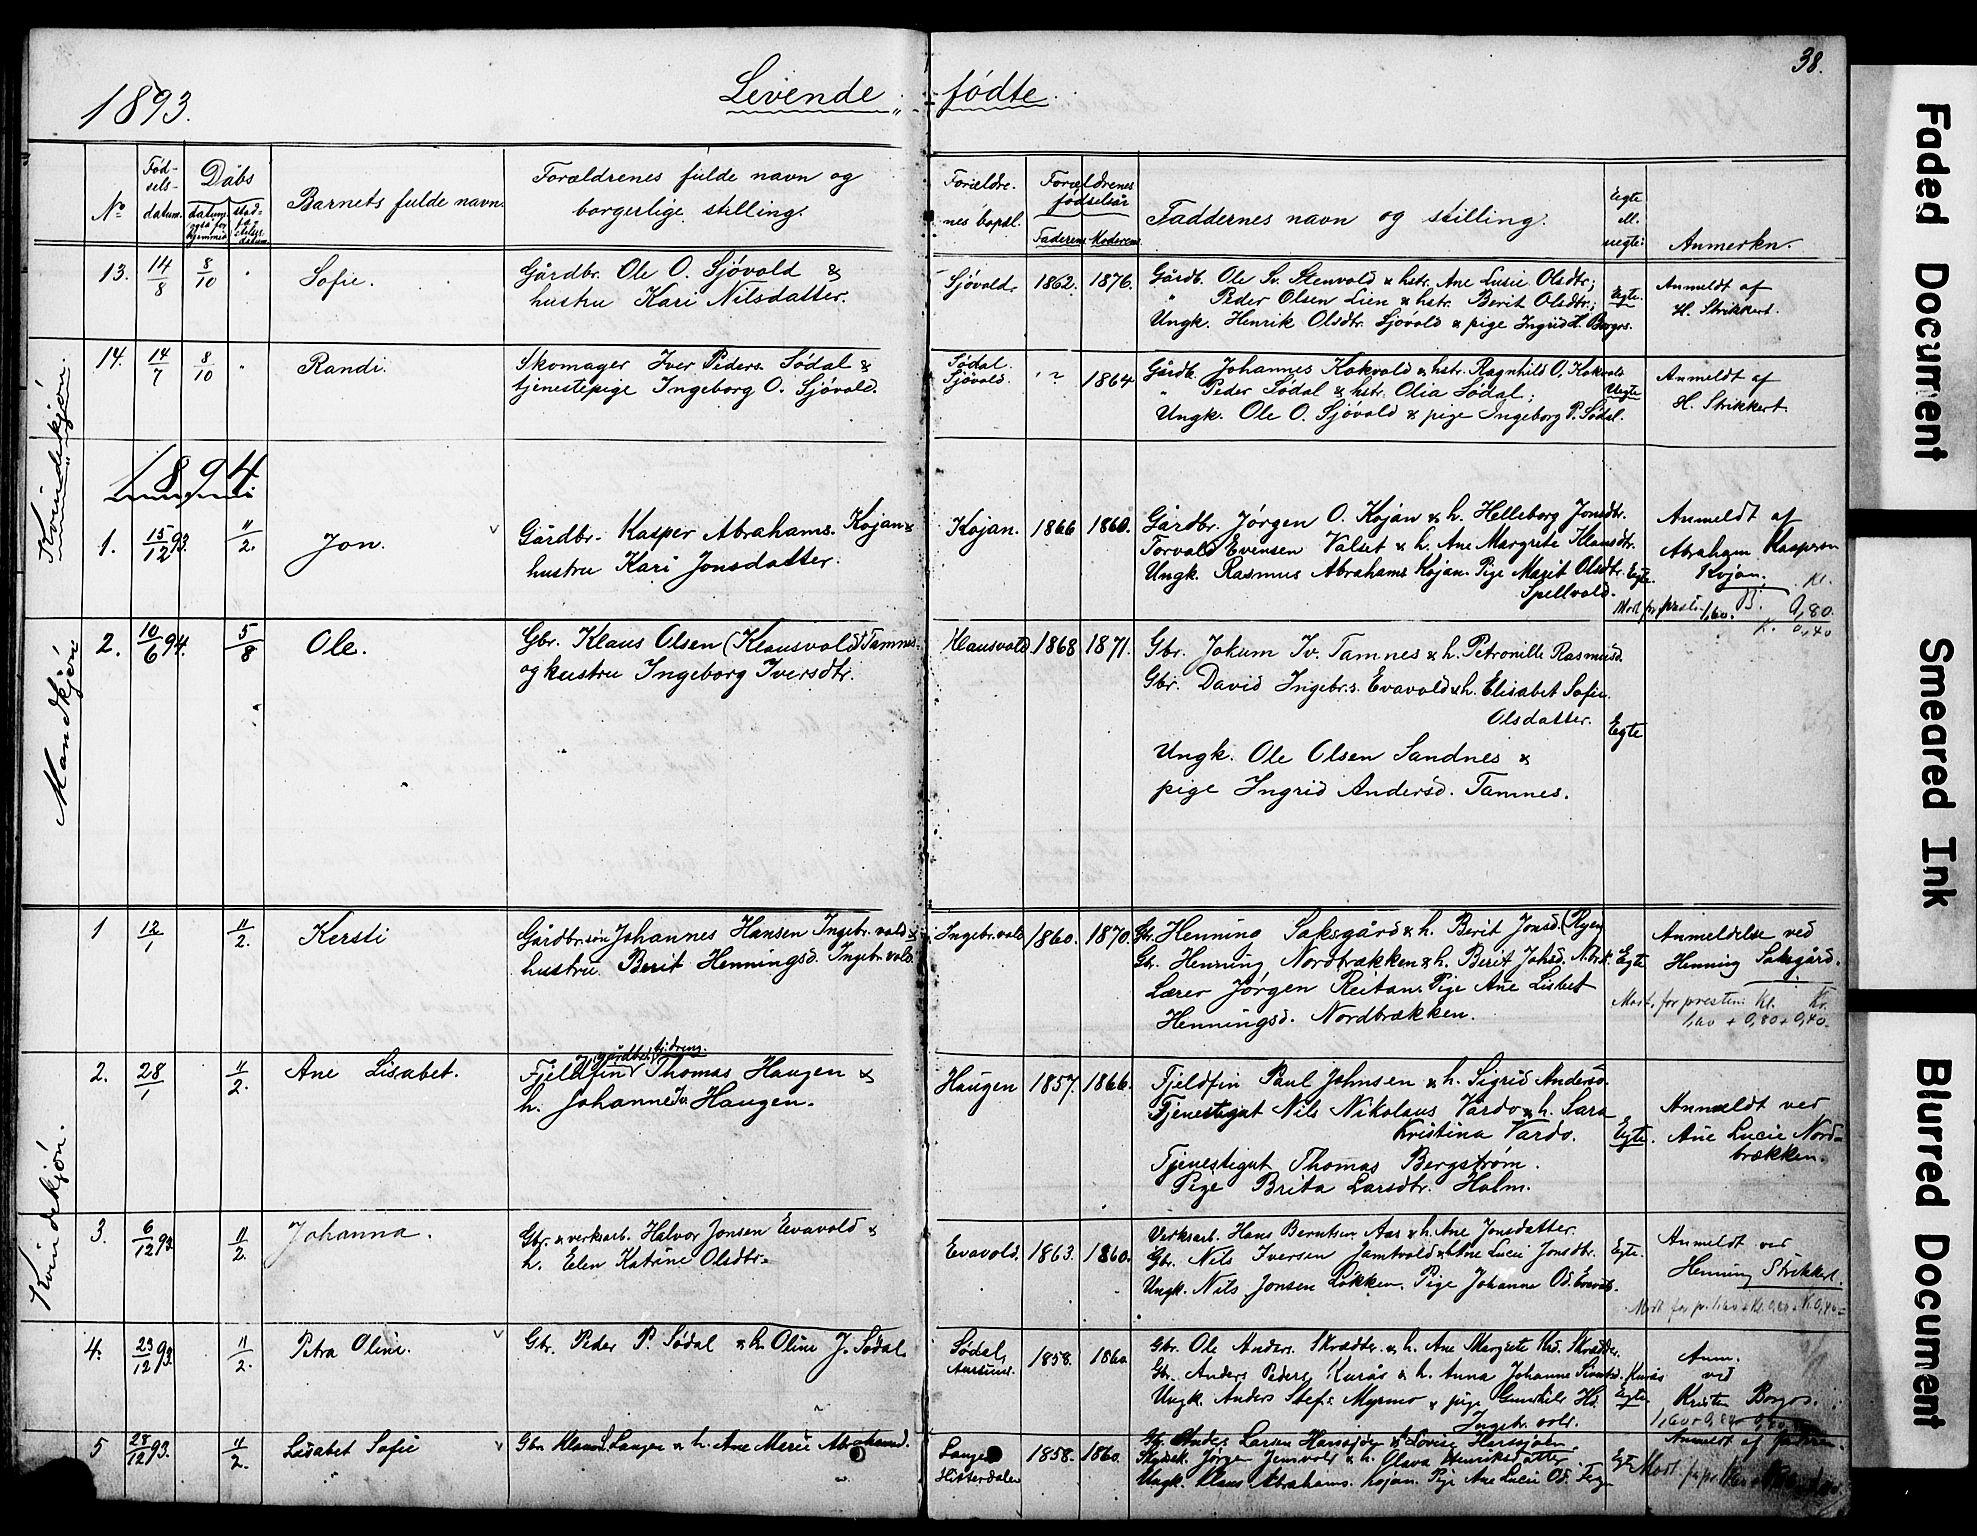 SAT, Ministerialprotokoller, klokkerbøker og fødselsregistre - Sør-Trøndelag, 683/L0949: Klokkerbok nr. 683C01, 1880-1896, s. 38